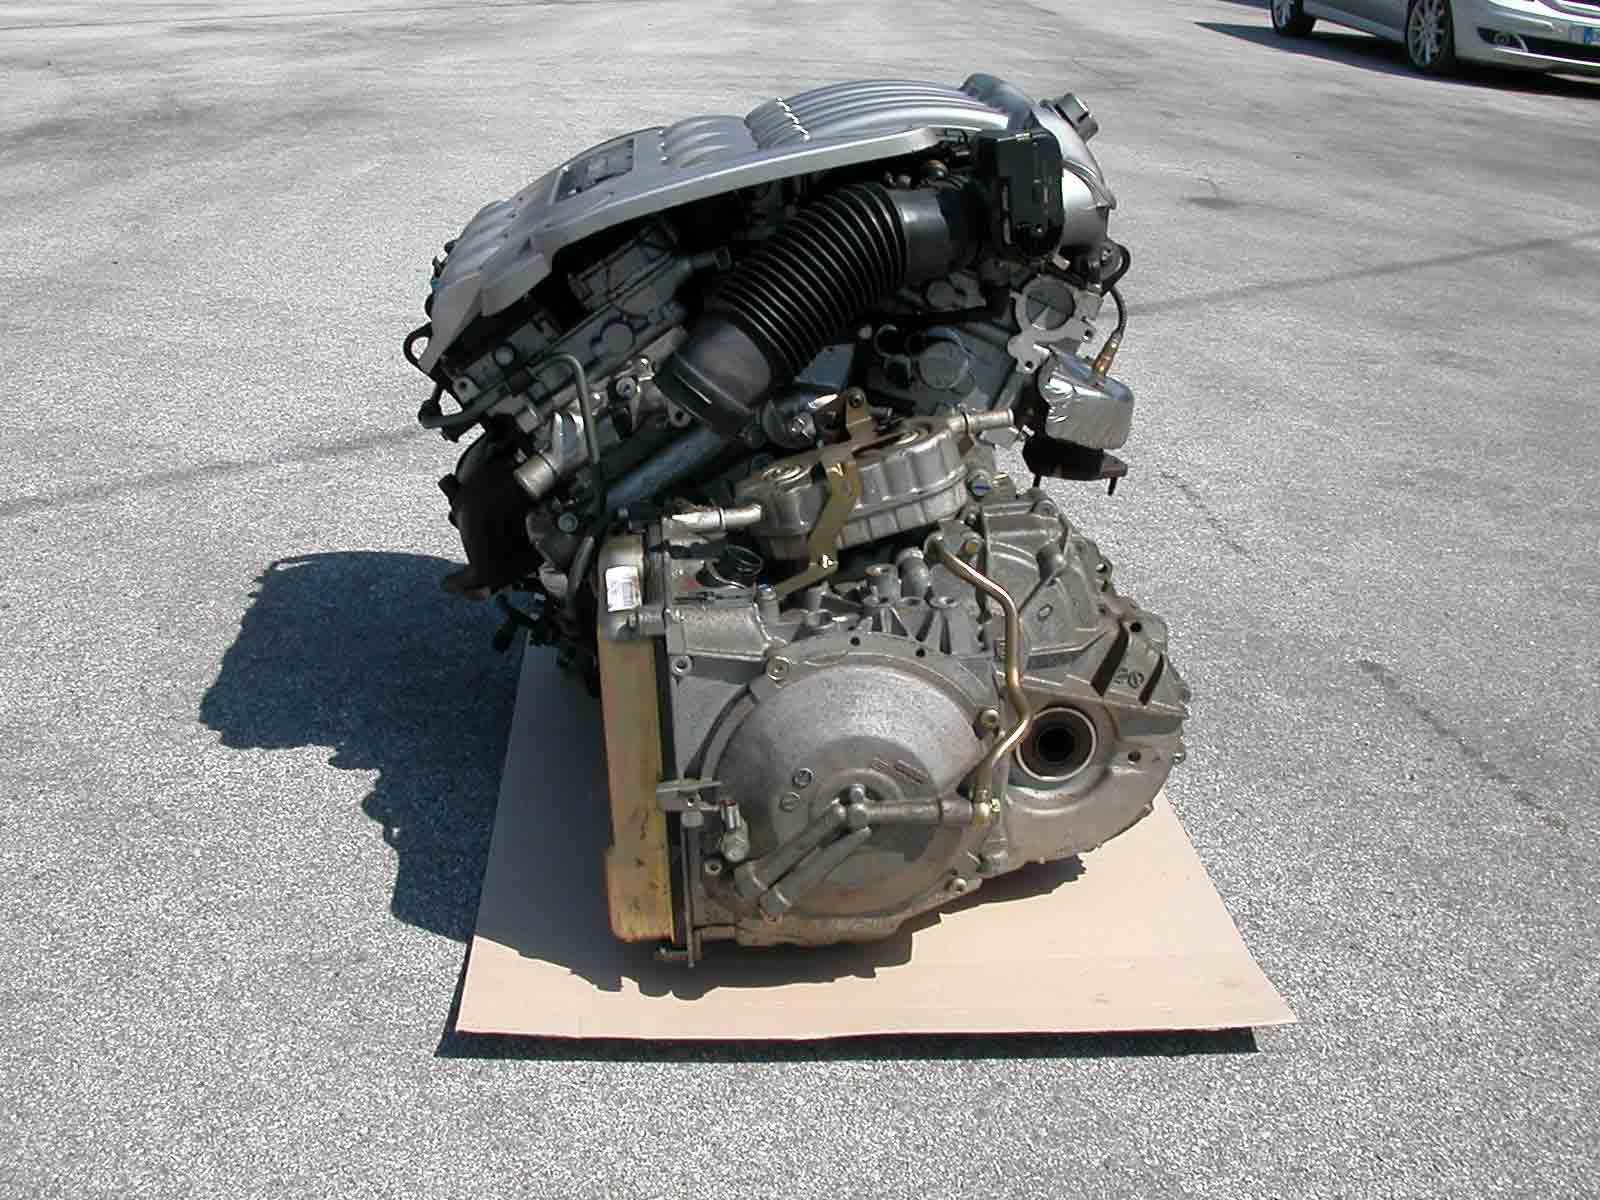 citroen c5 peugeot 407 406 607 3 0 6cil v6 xfx garage1 used engines for sale. Black Bedroom Furniture Sets. Home Design Ideas